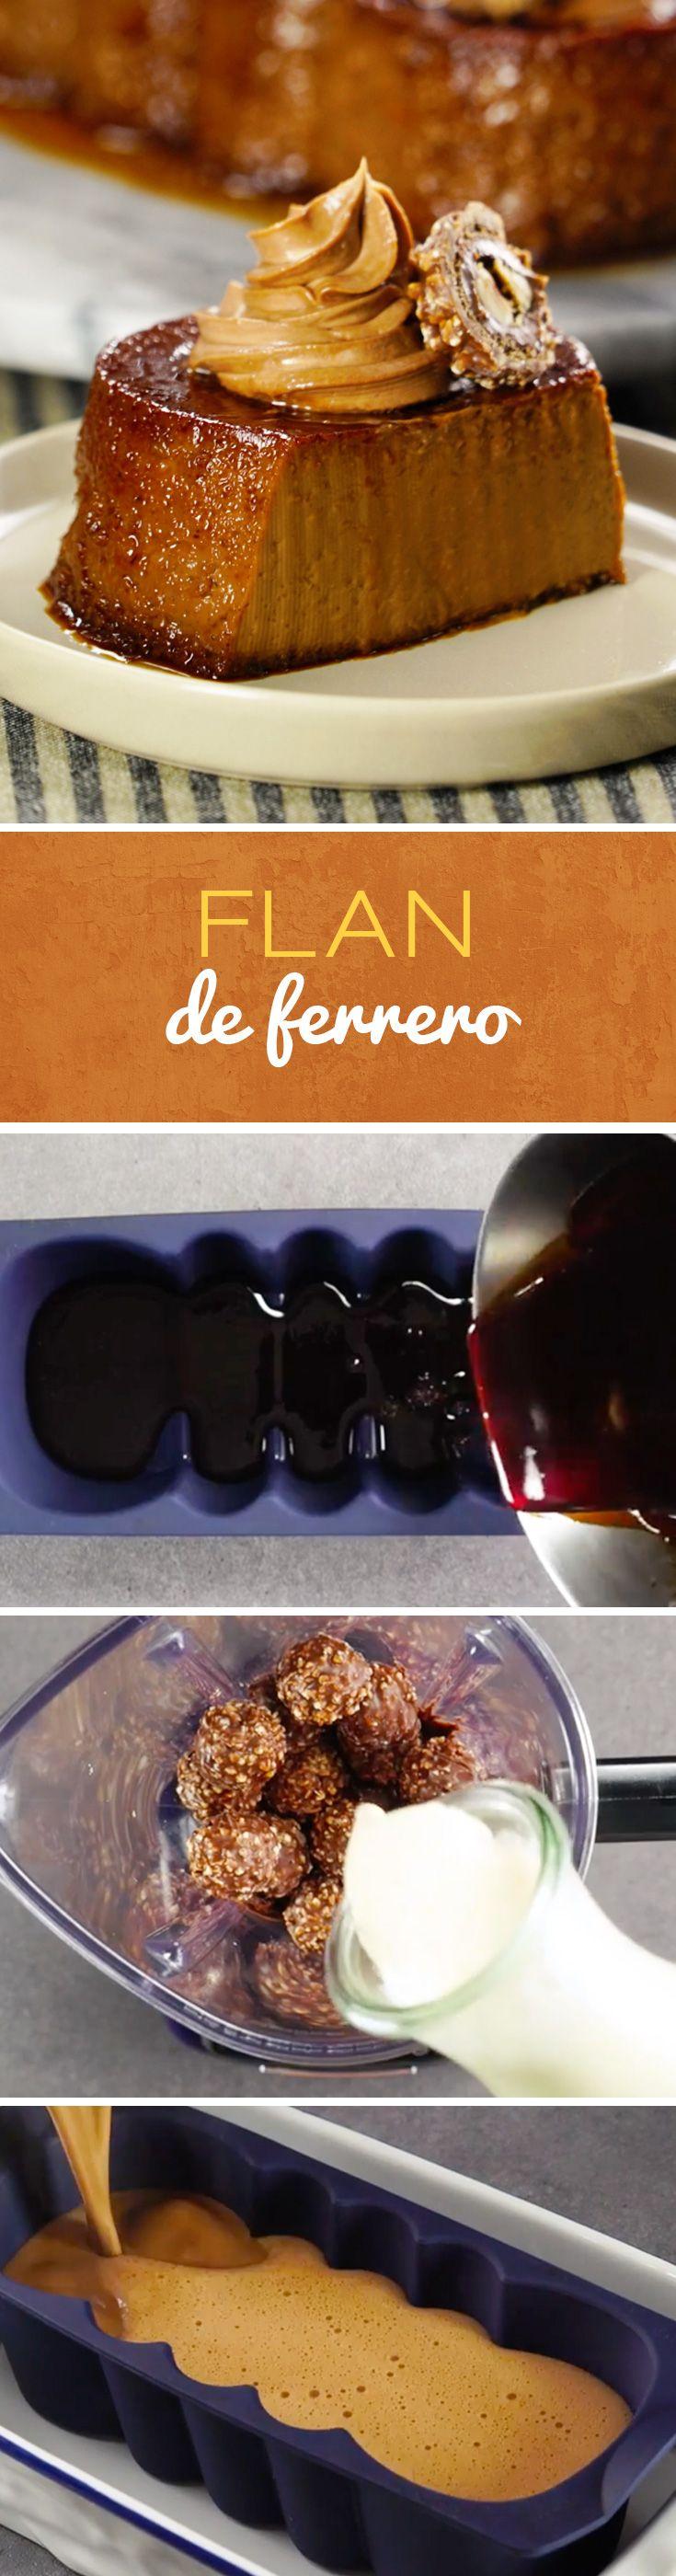 Sé el más original de las fiestas con este rico flan de chocolate Ferrero Rocher. Un postre muy especial para cumpleaños o para hacer con amigos. Este postre mexicano te encantará.